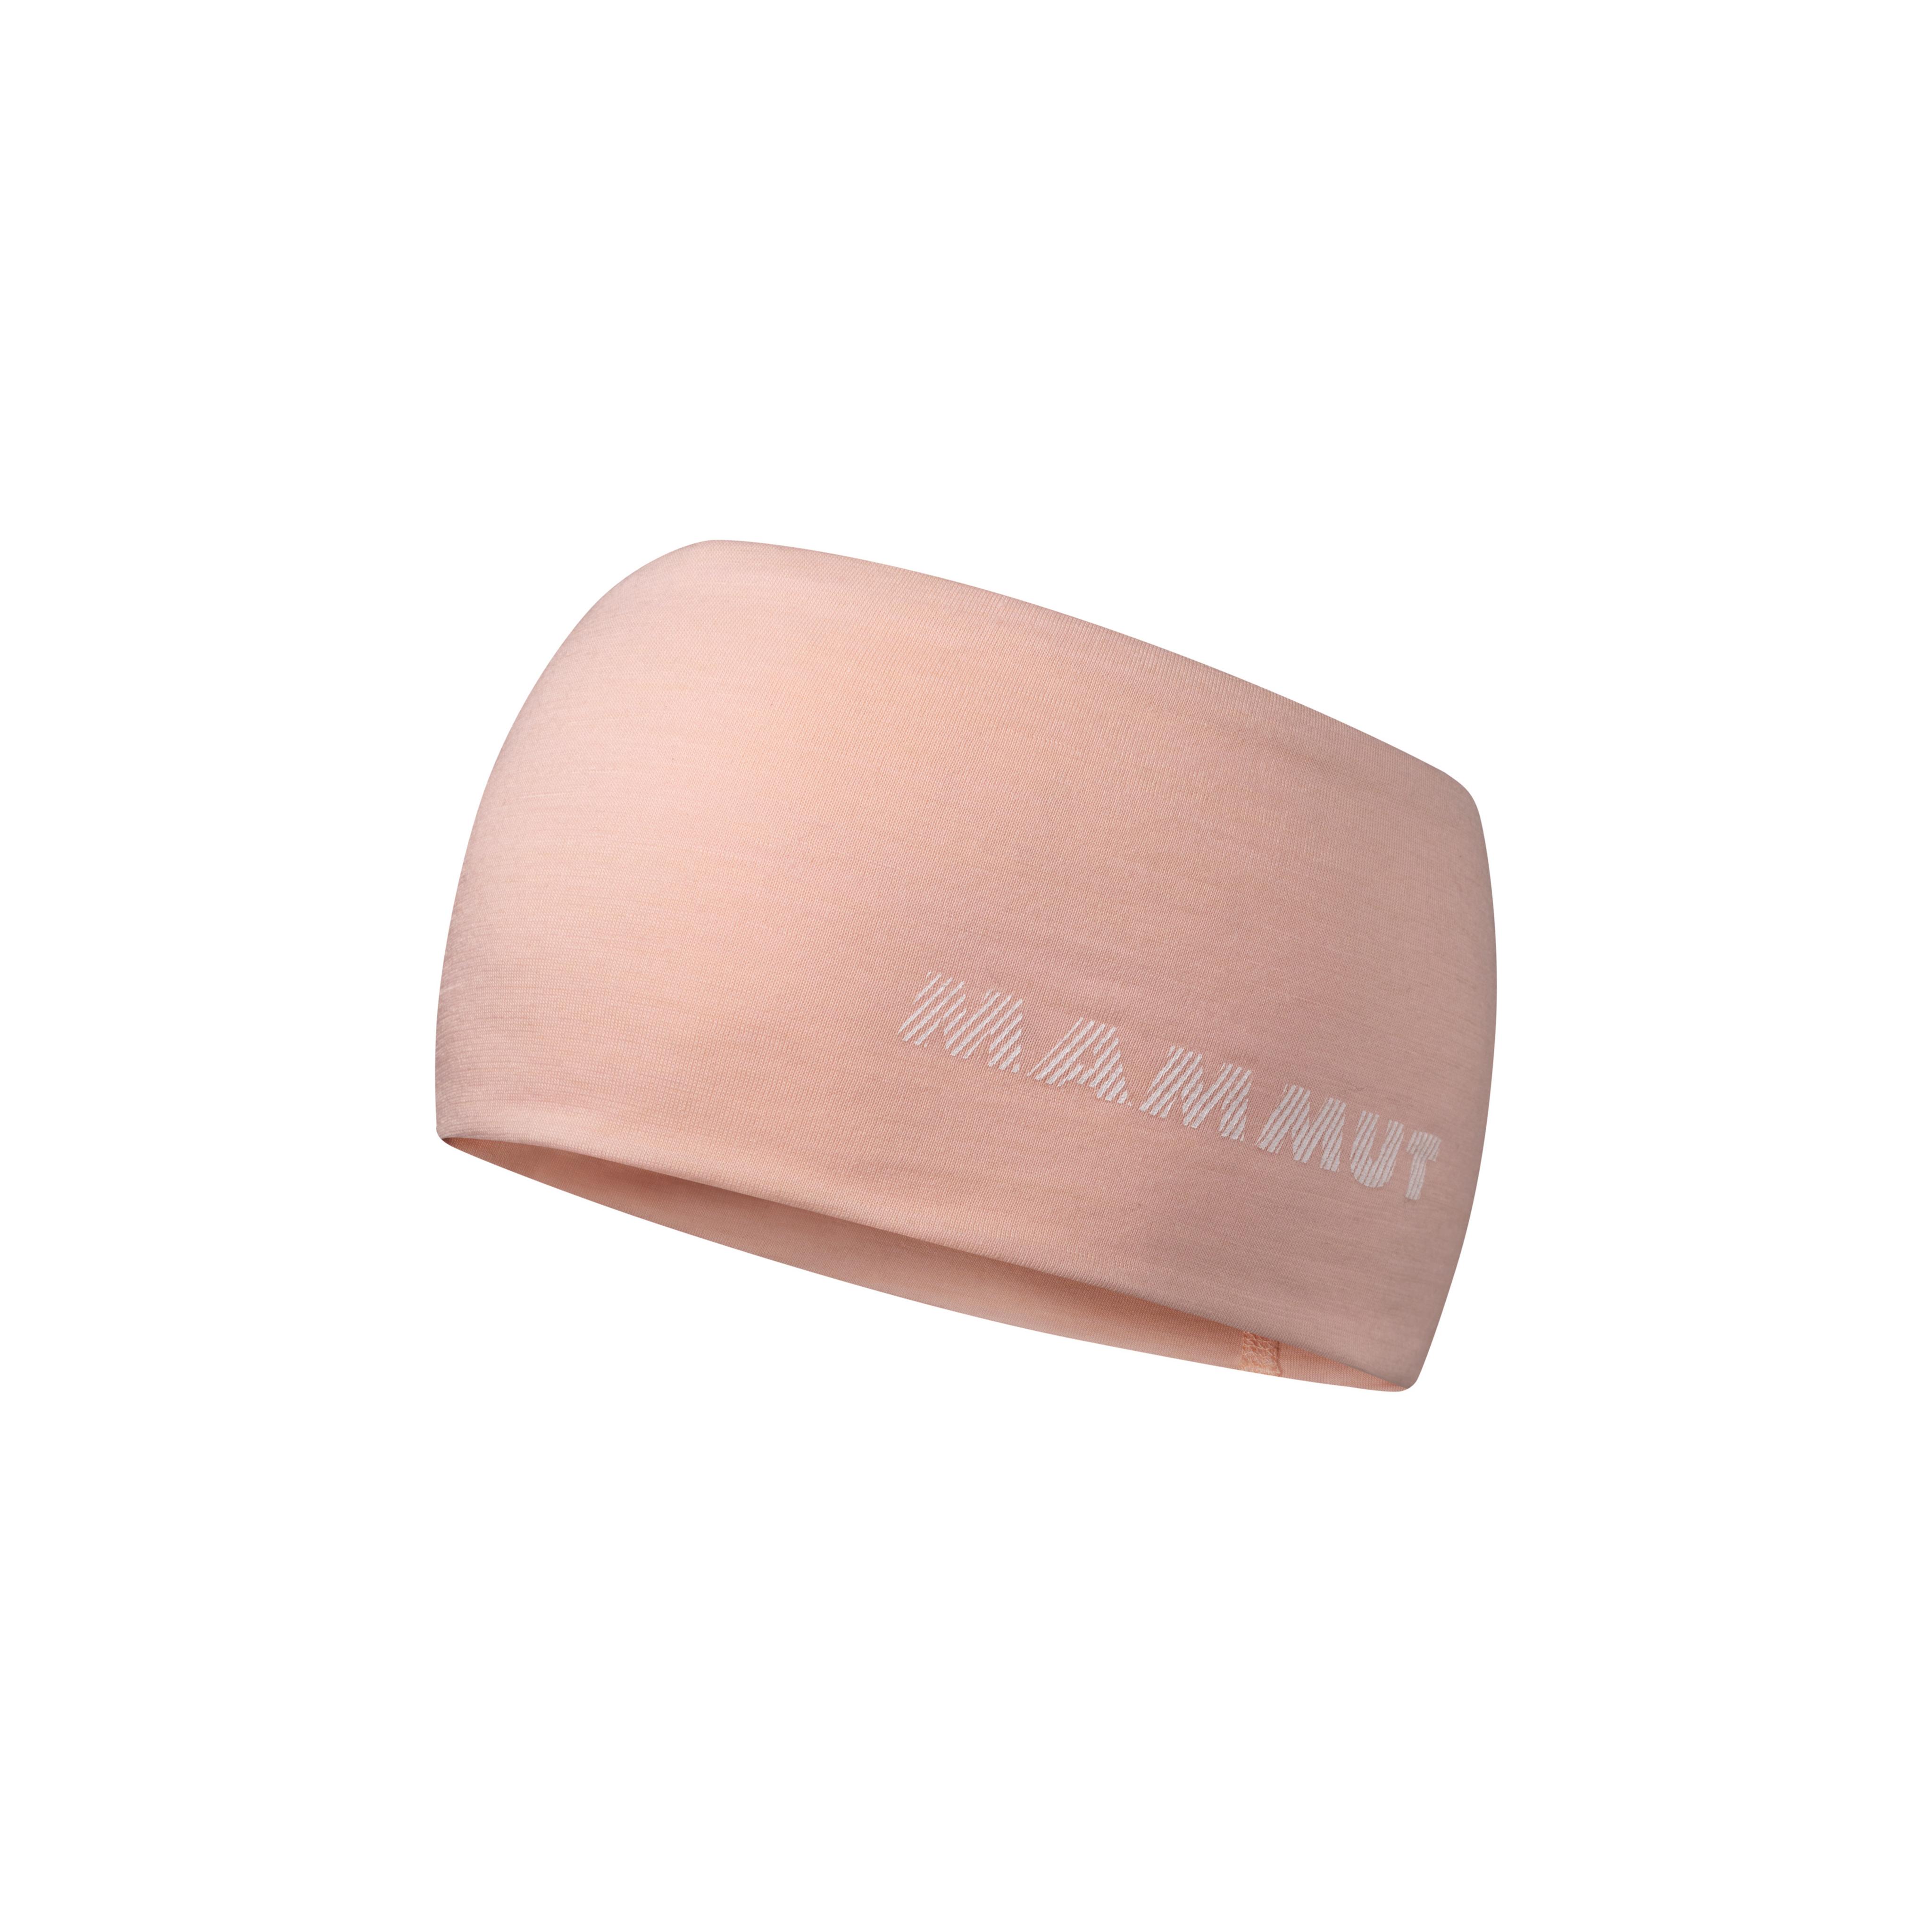 Merino Headband - evening sand melange, one size thumbnail